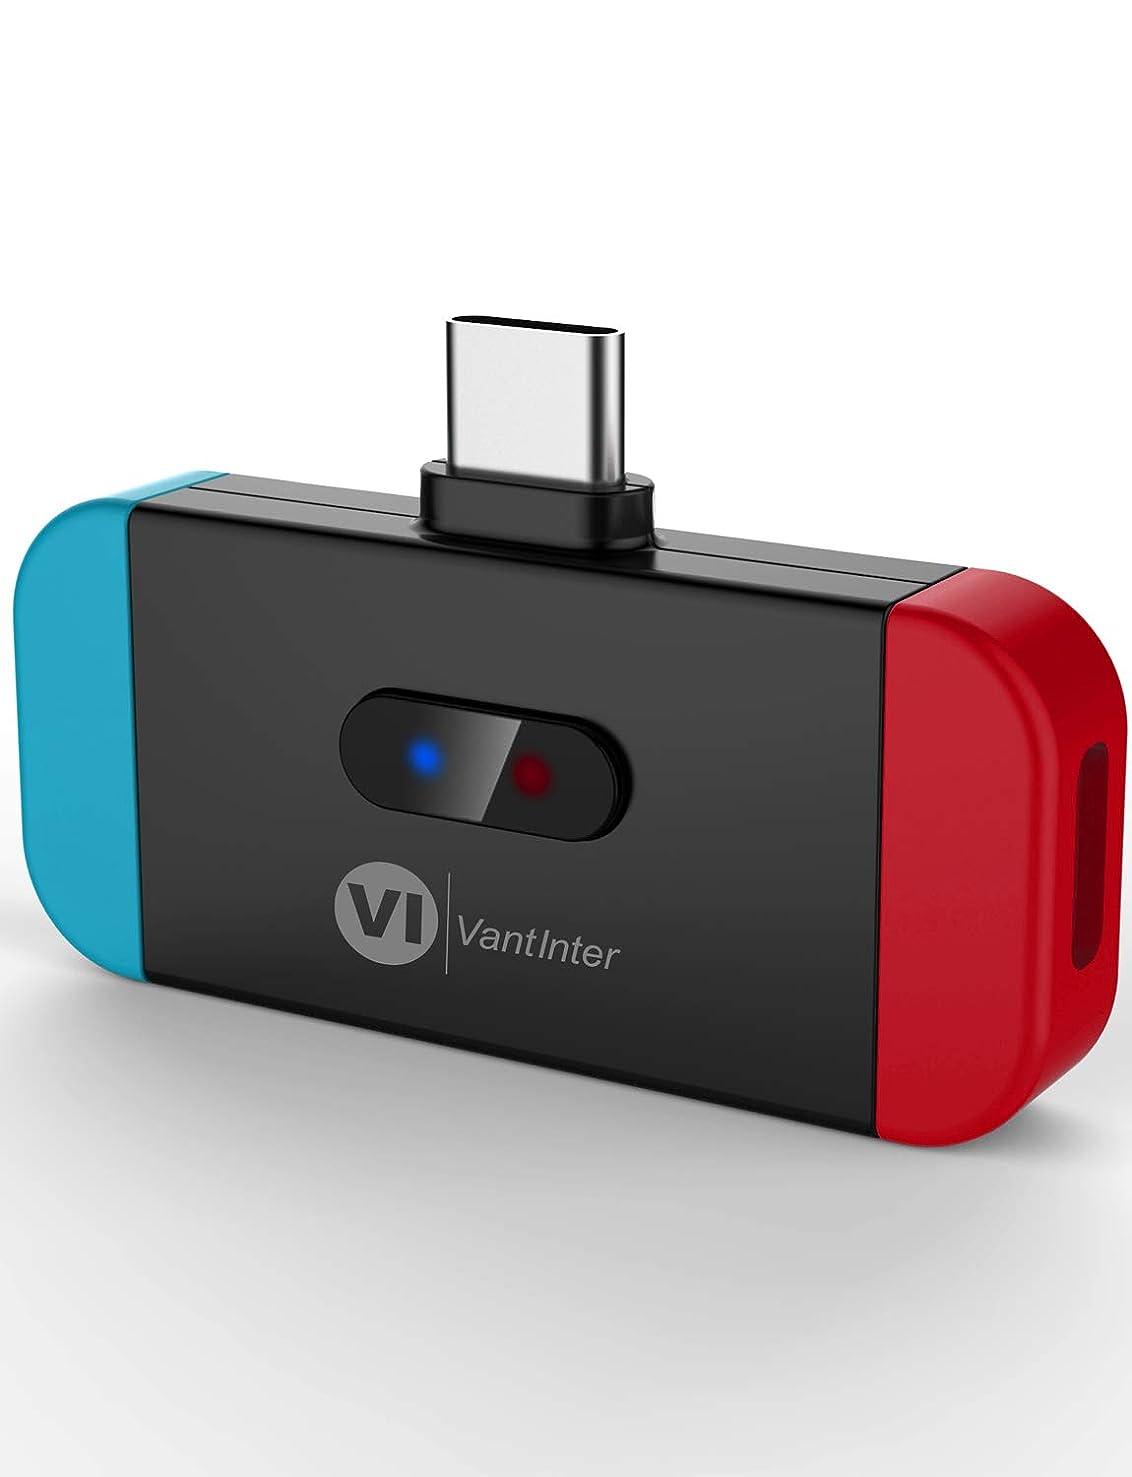 豊富洋服薬剤師VantInter 充電不要ドライバー不要 Nintendo Switch bluetooth オーディオアダプター USB-C Bluetooth トランスミッター 2台同時接続でも aptX LL BT4879